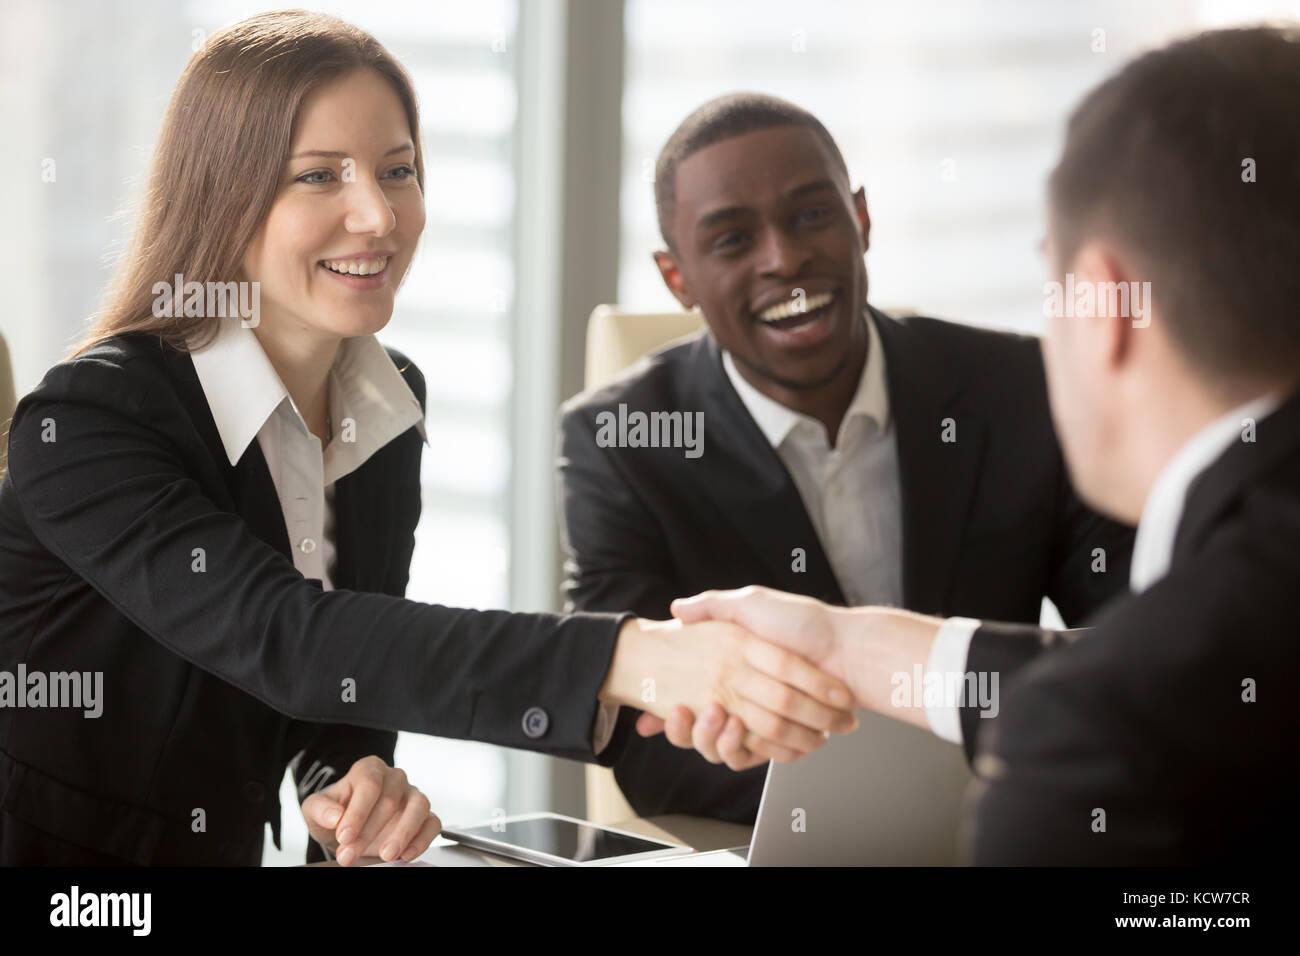 Bella imprenditrice sorridente con african partner americano agitando la mano e dare il benvenuto ai nuovi membri Immagini Stock